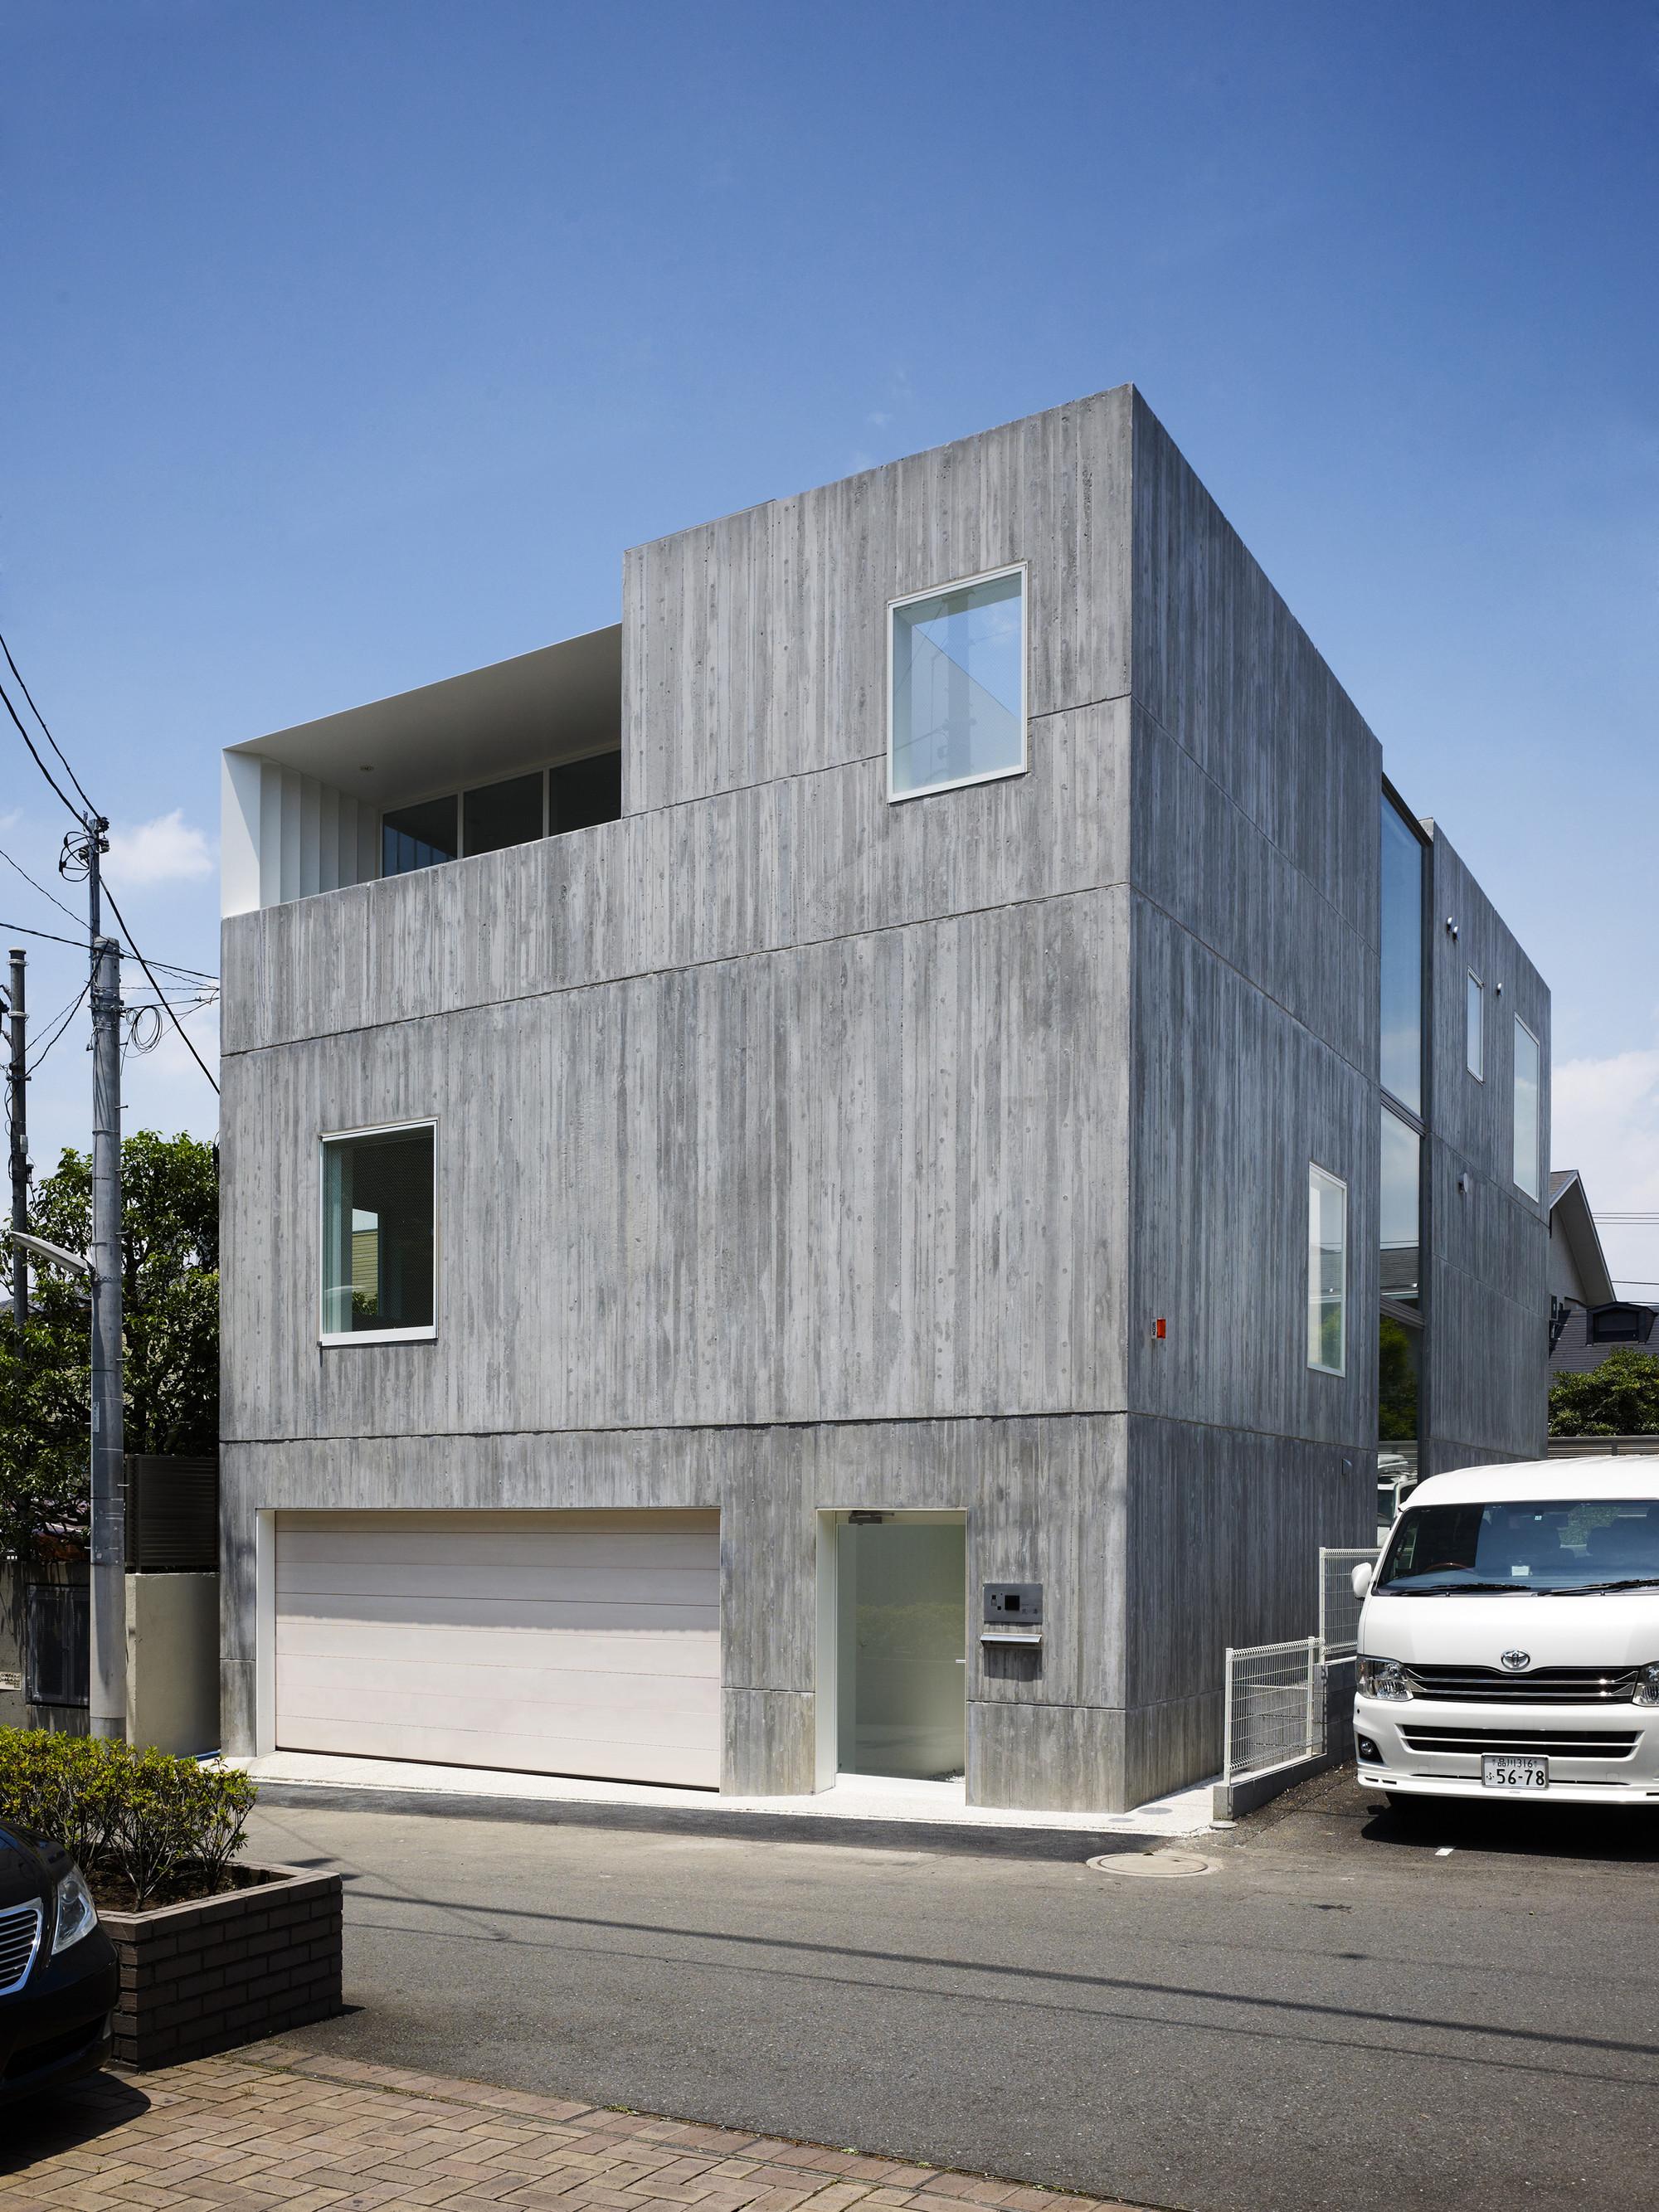 Takanawa House / Hiroyuki Ito + O.F.D.A., © Daici Ano